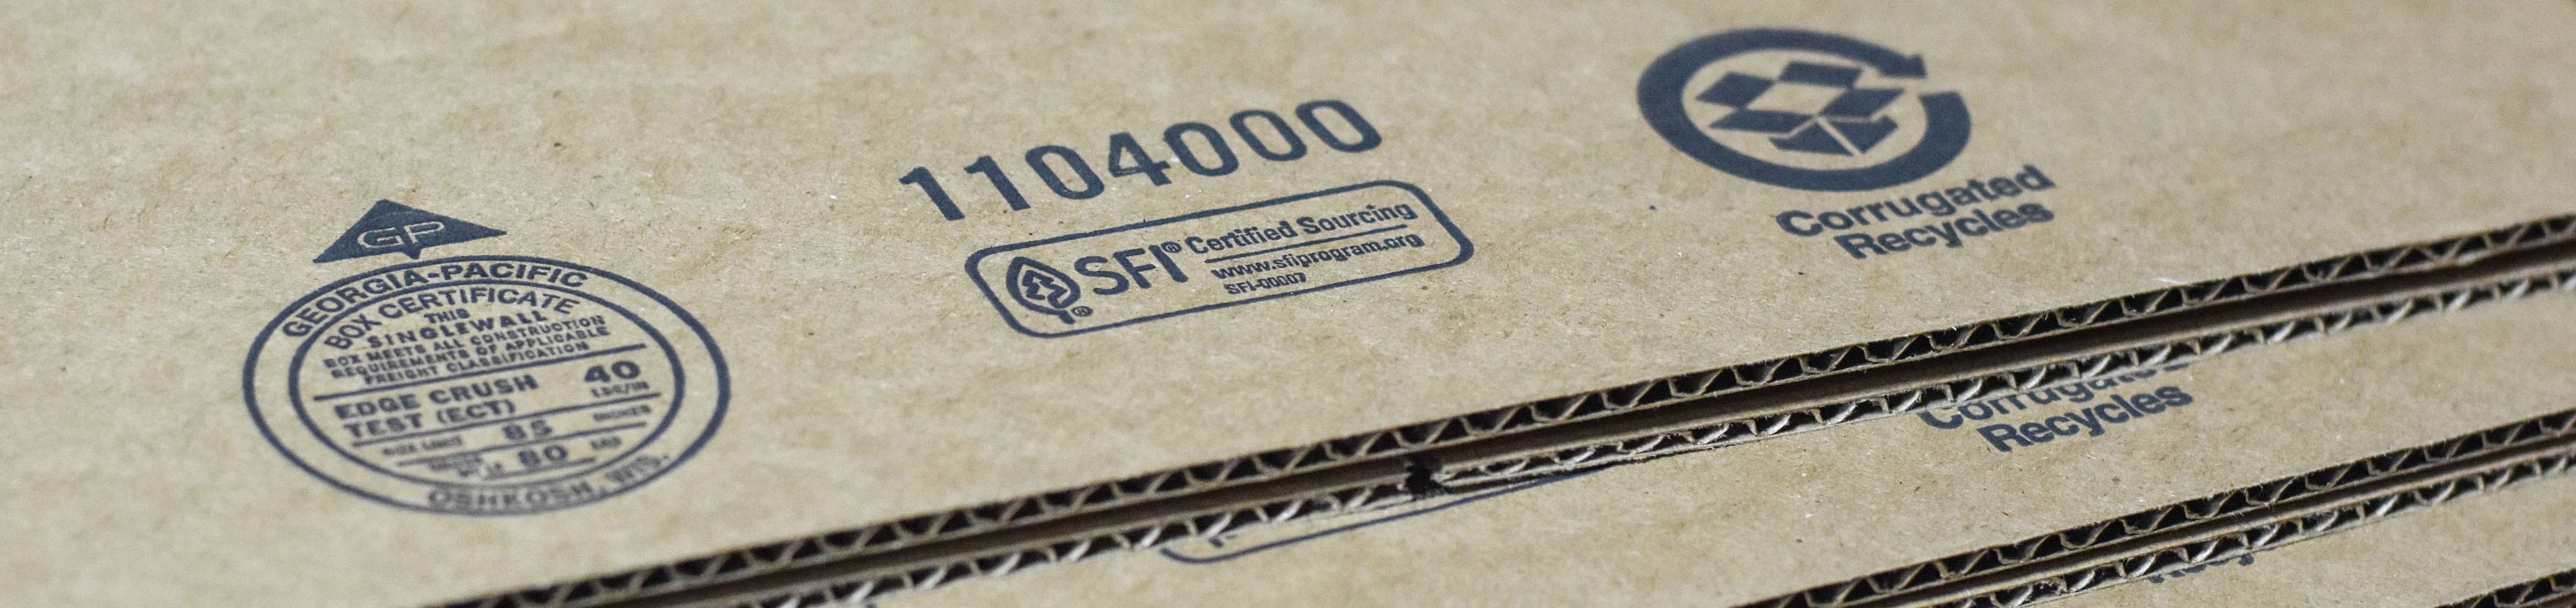 packaging-web